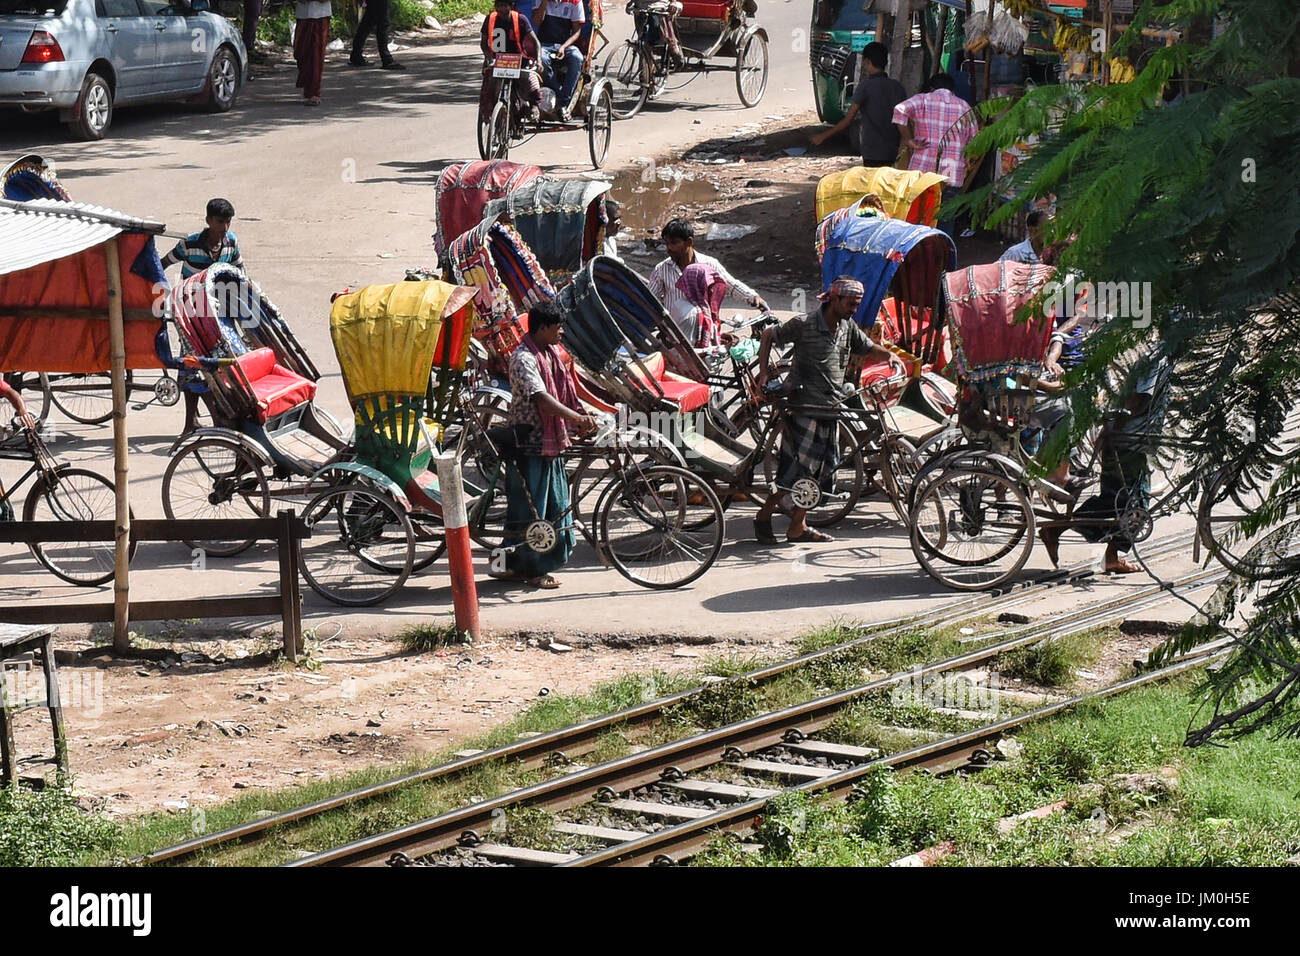 Rickshaw traffic, Dhaka, Bangladesh - Stock Image